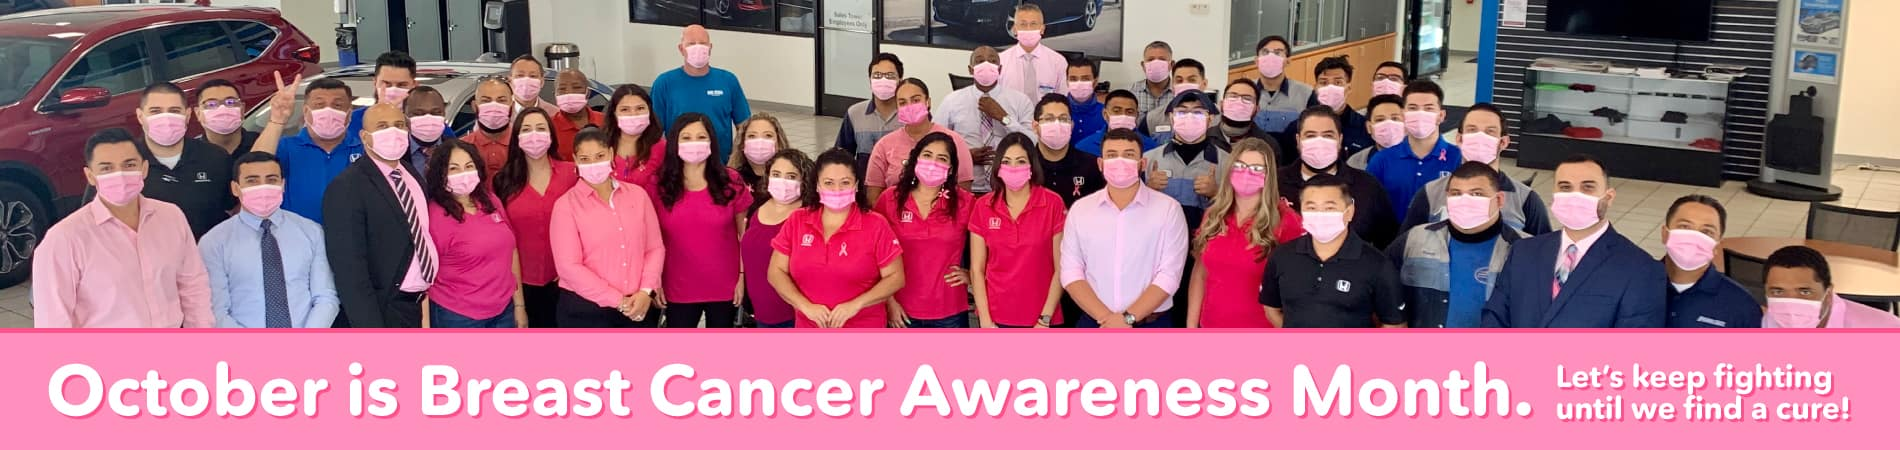 BSH_8303_BreastCancerAwareness_Hero-D